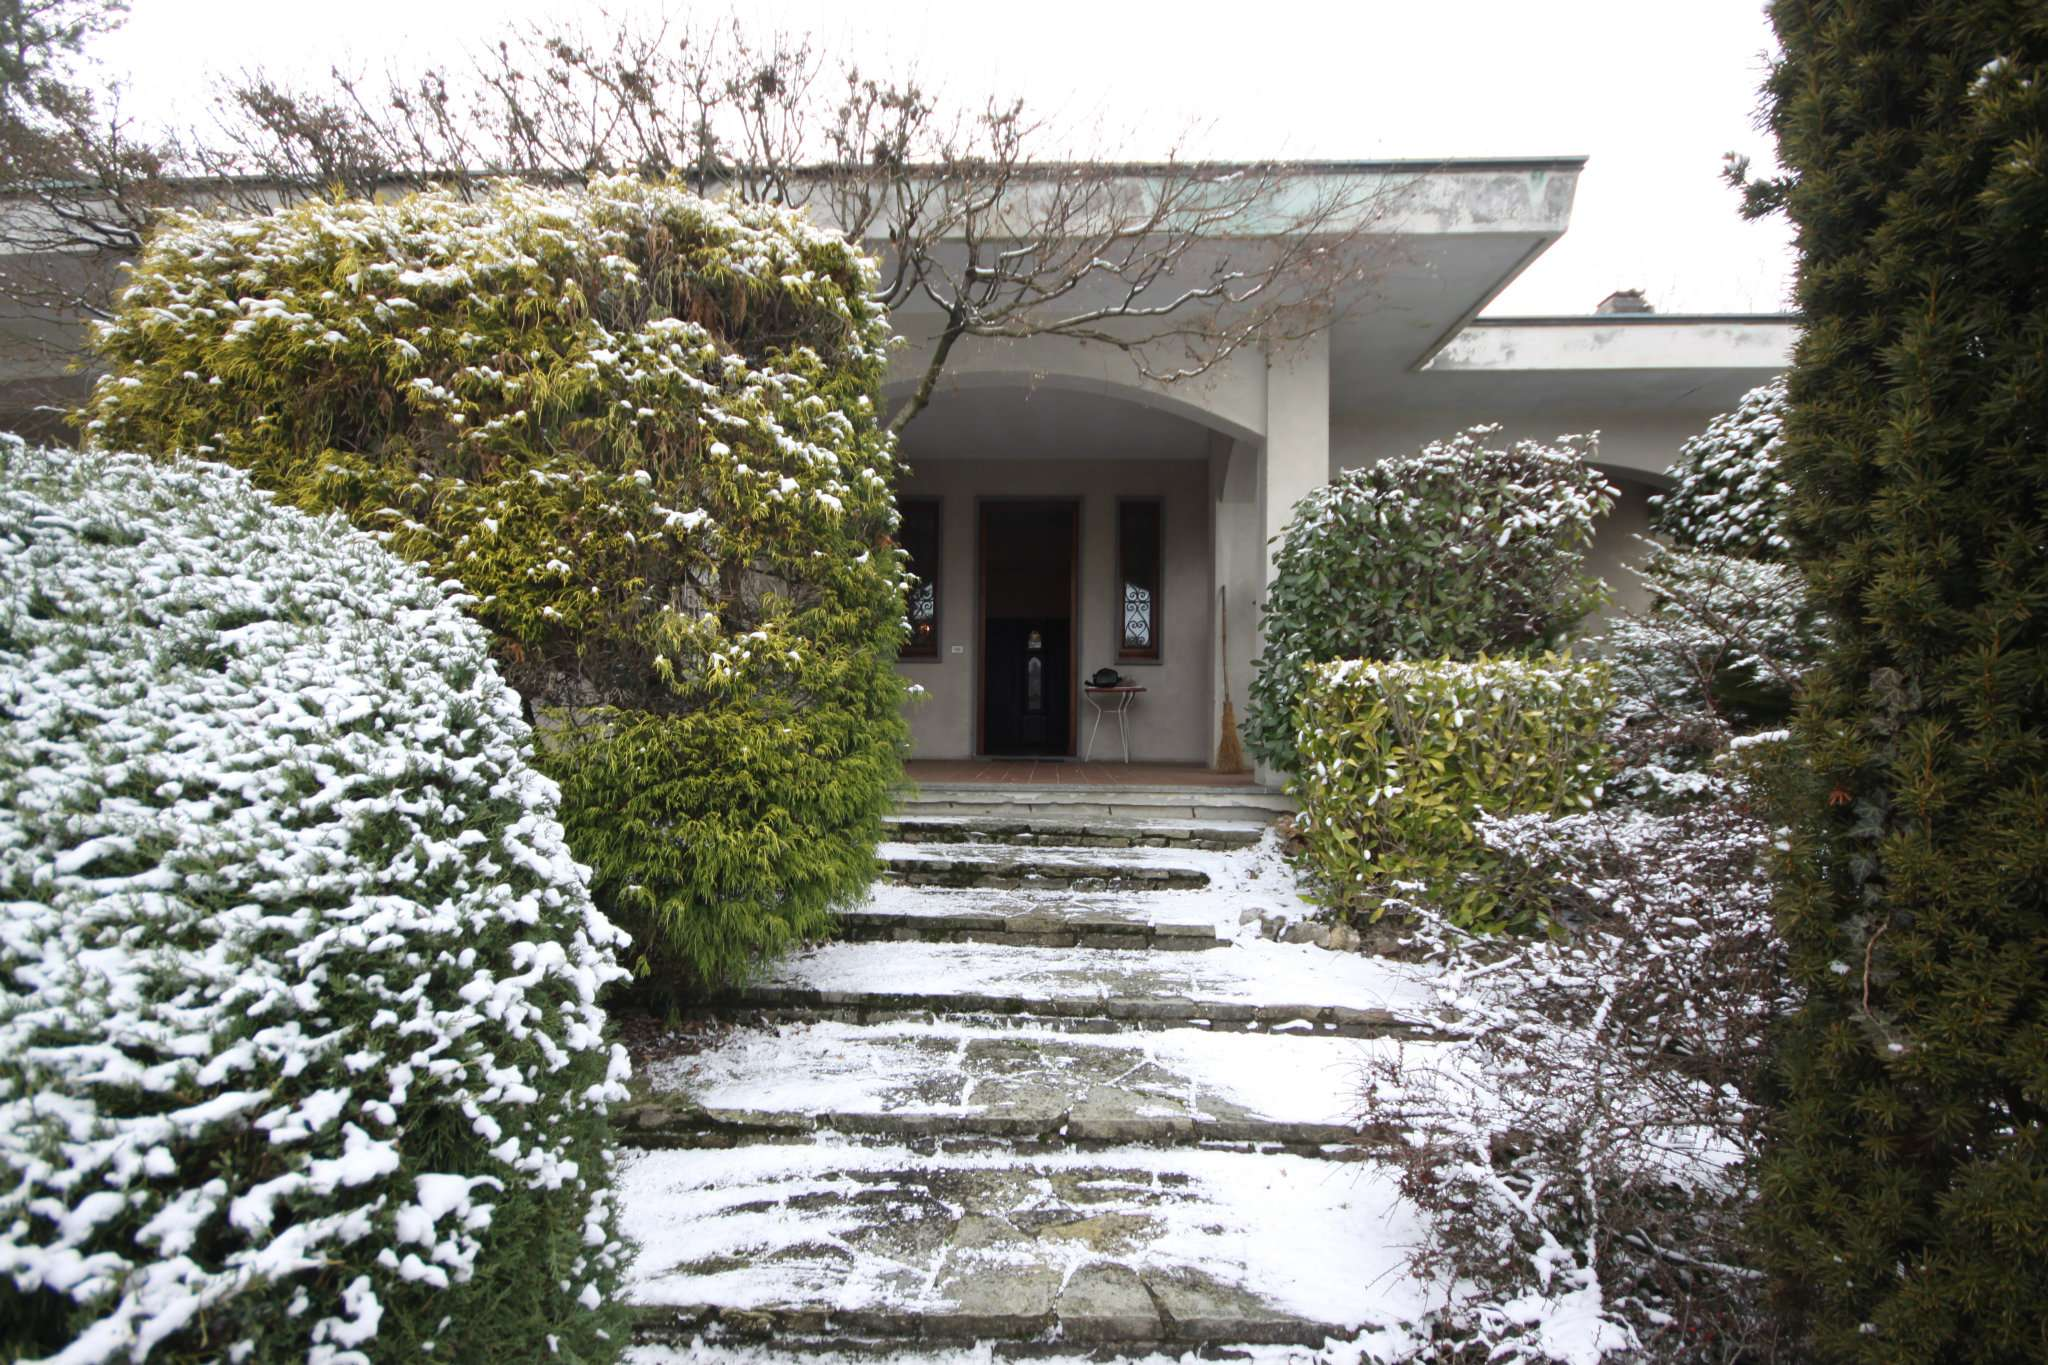 Soluzione Indipendente in vendita a Cossato, 9 locali, prezzo € 275.000 | Cambio Casa.it